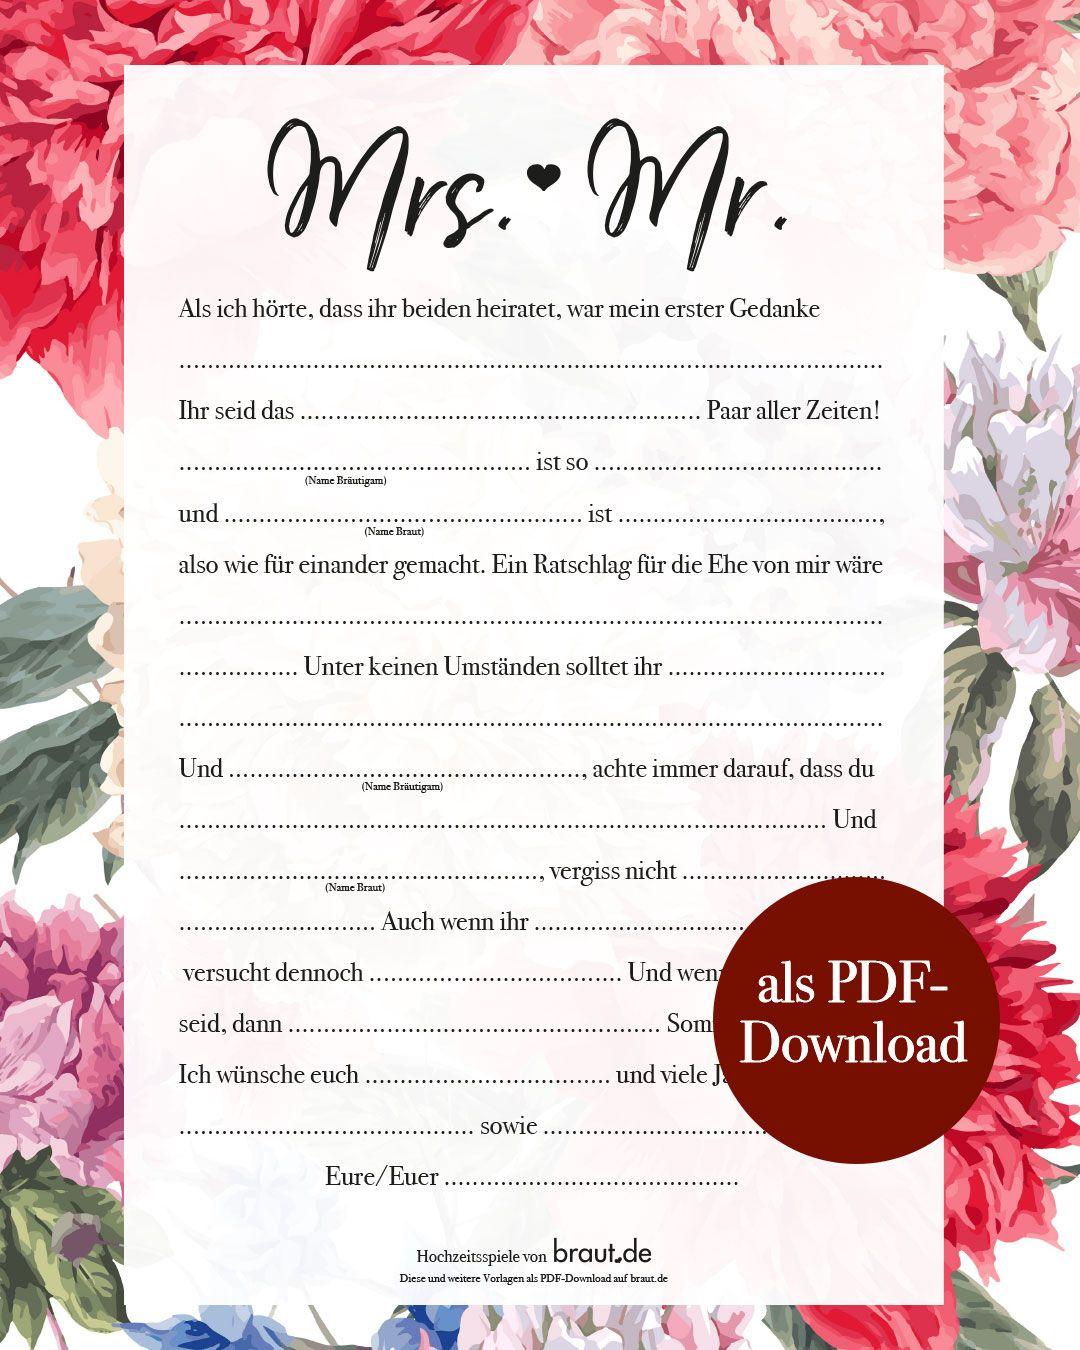 Hochzeitsspiel: Lückentext zum Ausfüllen für die Hochzeitsgäste